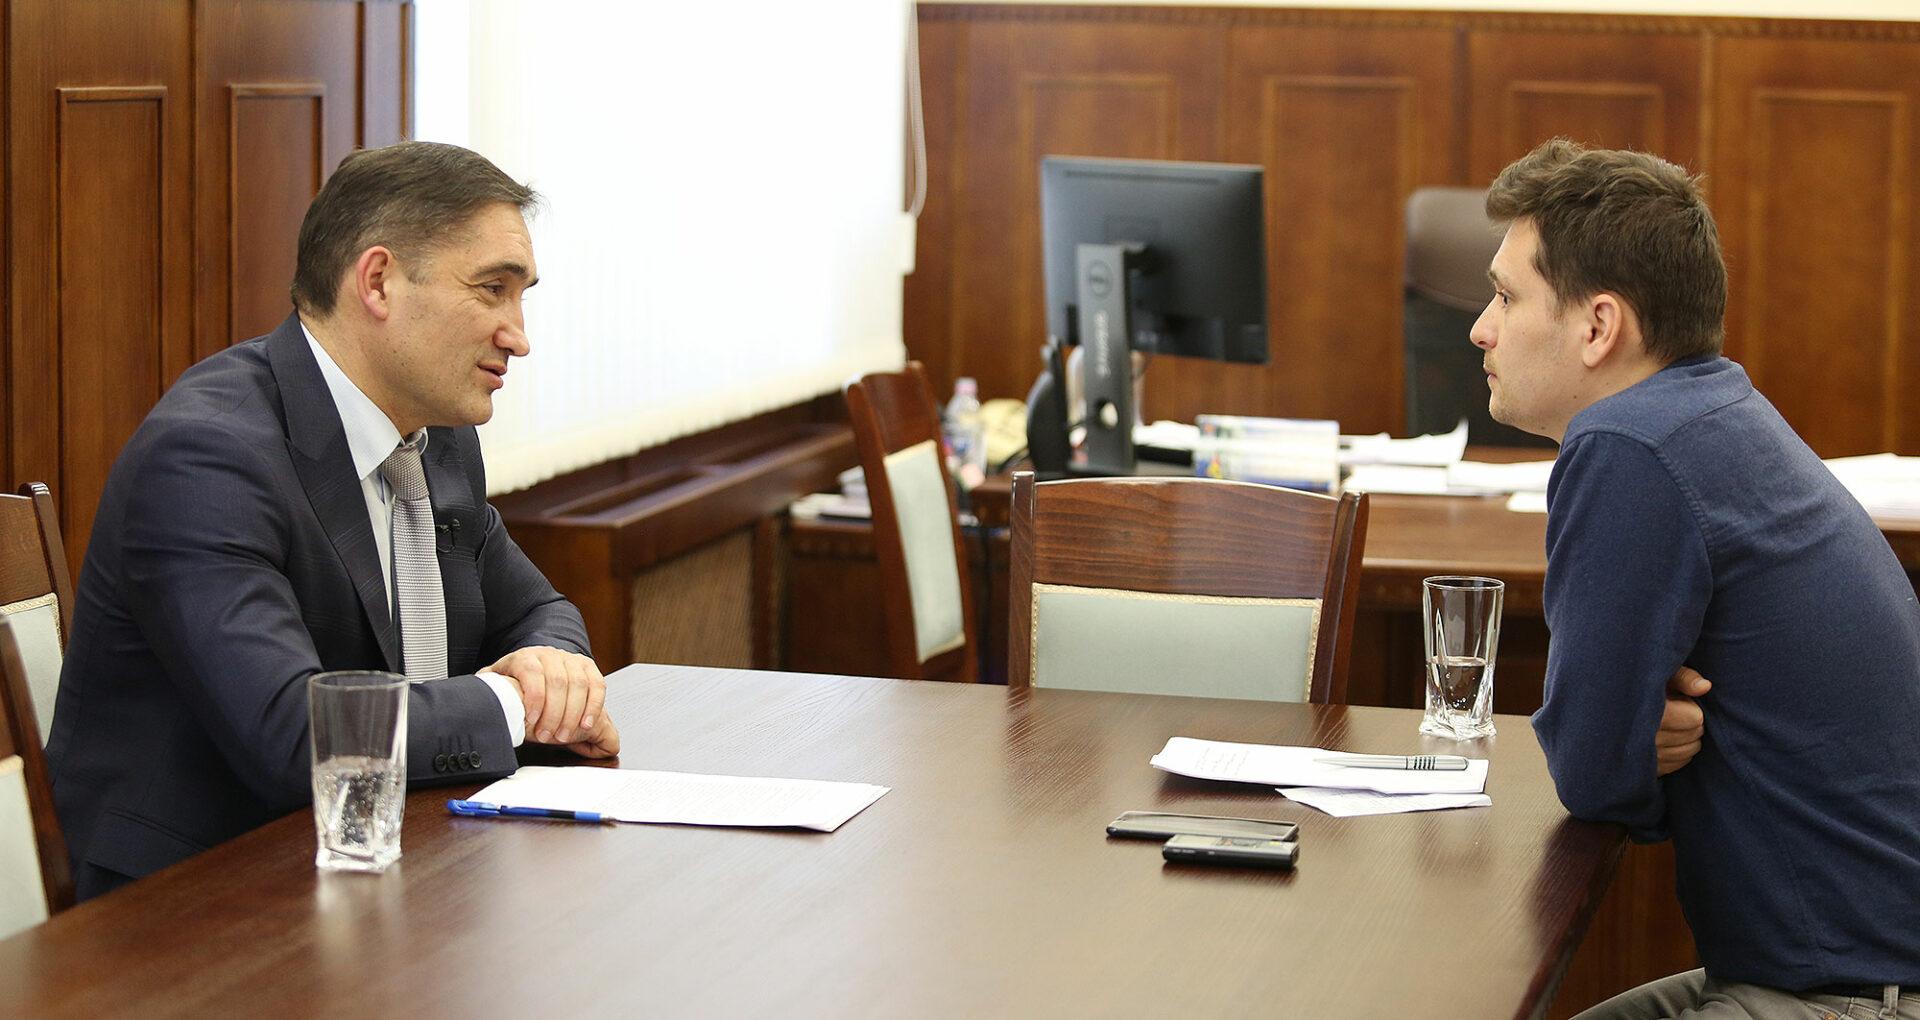 Dosare de rezonanță,  demisii în sistem și dezvăluiri. Interviu cu Alexandr Stoianoglo, procuror general al R. Moldova